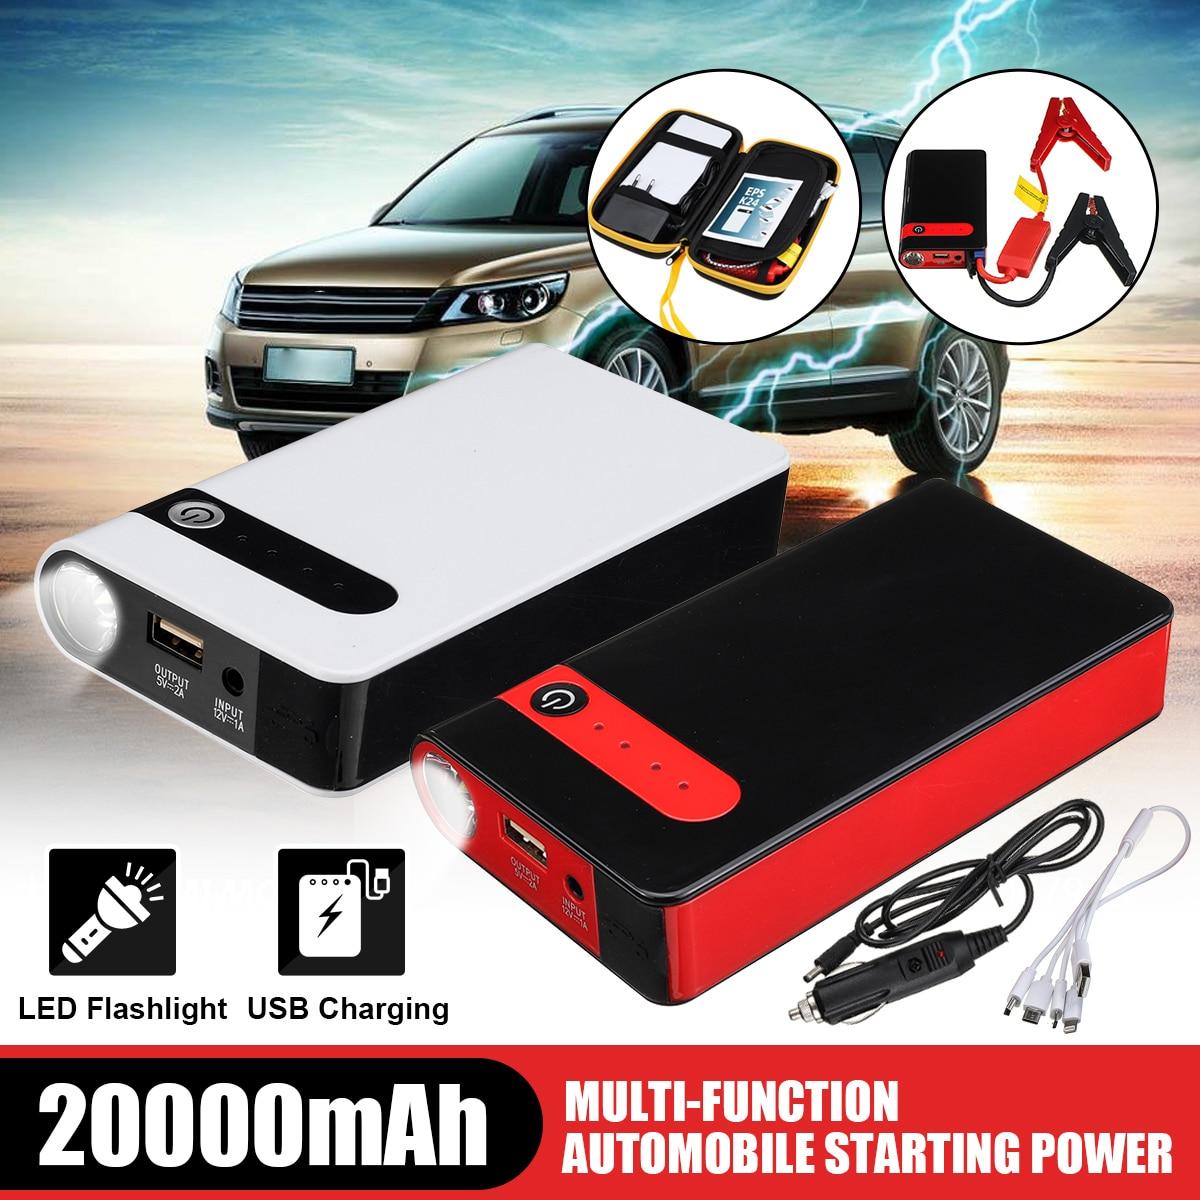 20000mAh Multi-function Jump Starter 12V Car Jump Starter Starter Power Bank Emergency Car Battery Booster Buster LED Portable